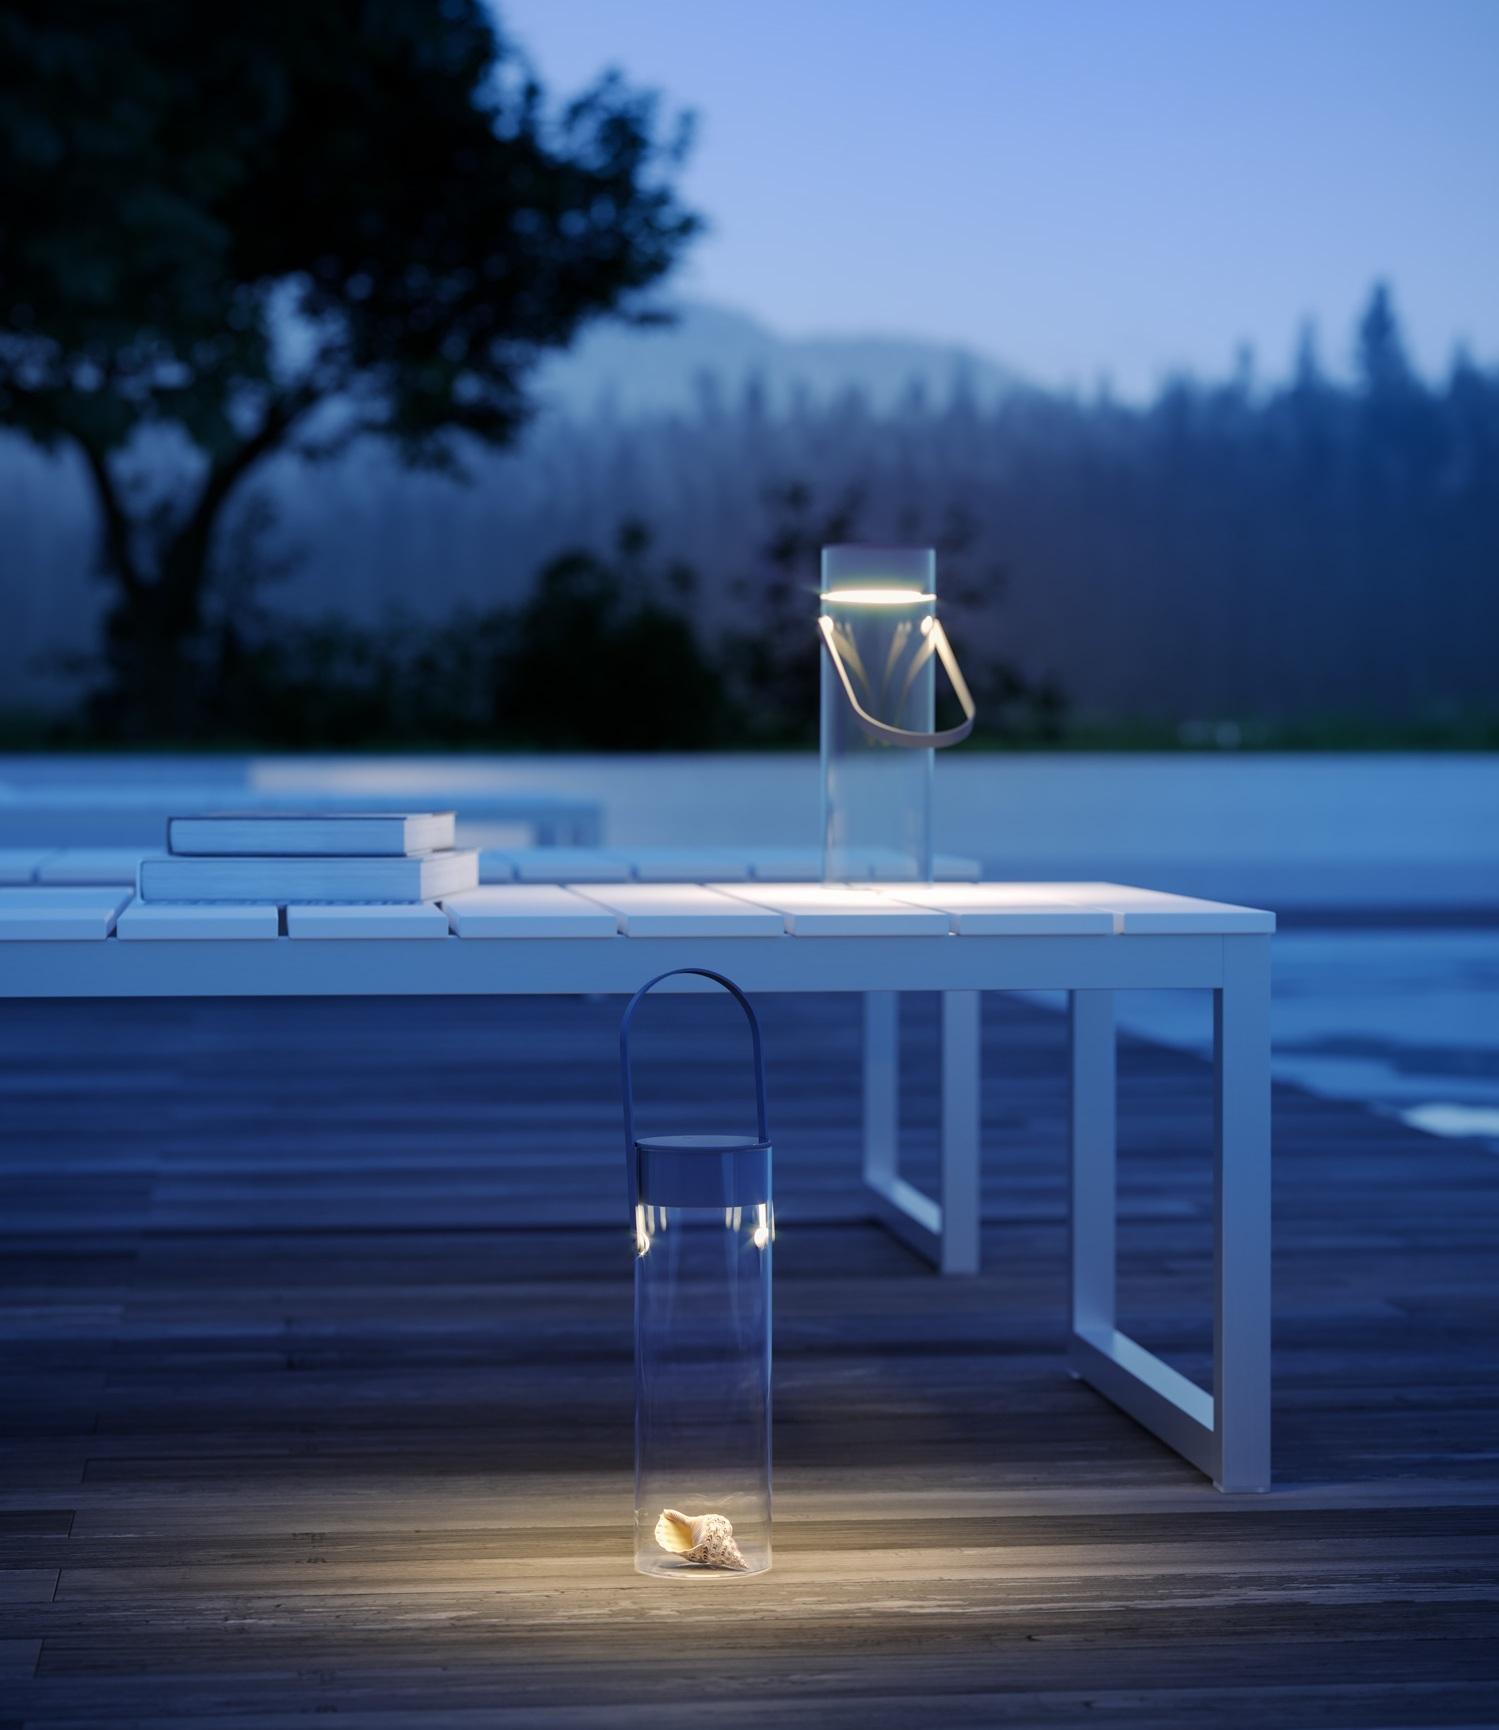 """Chiardiluna - Rotaliana, 2019con Dante DoneganiE' una lampada portatile composta da un vetro in cui è alloggiato un """"tappo"""" luminoso e da un manico smontabile in acciaio e plastica. La luce LED si distribuisce delicatamente - come la luce della luna piena- sul piano di appoggio della lampada: un tavolo in giardino, il pavimento di un terrazzo. Il """"tappo"""" luminoso è rimovibile ed è alimentato da batterie ricaricabili utilizzando la basetta per la ricarica wireless; sul coperchio è inserito un interruttore /dimmer a sfioro. All'interno del contenitore in vetro sono inseriti degli animaletti segnaposto in vetro soffiato di Murano."""